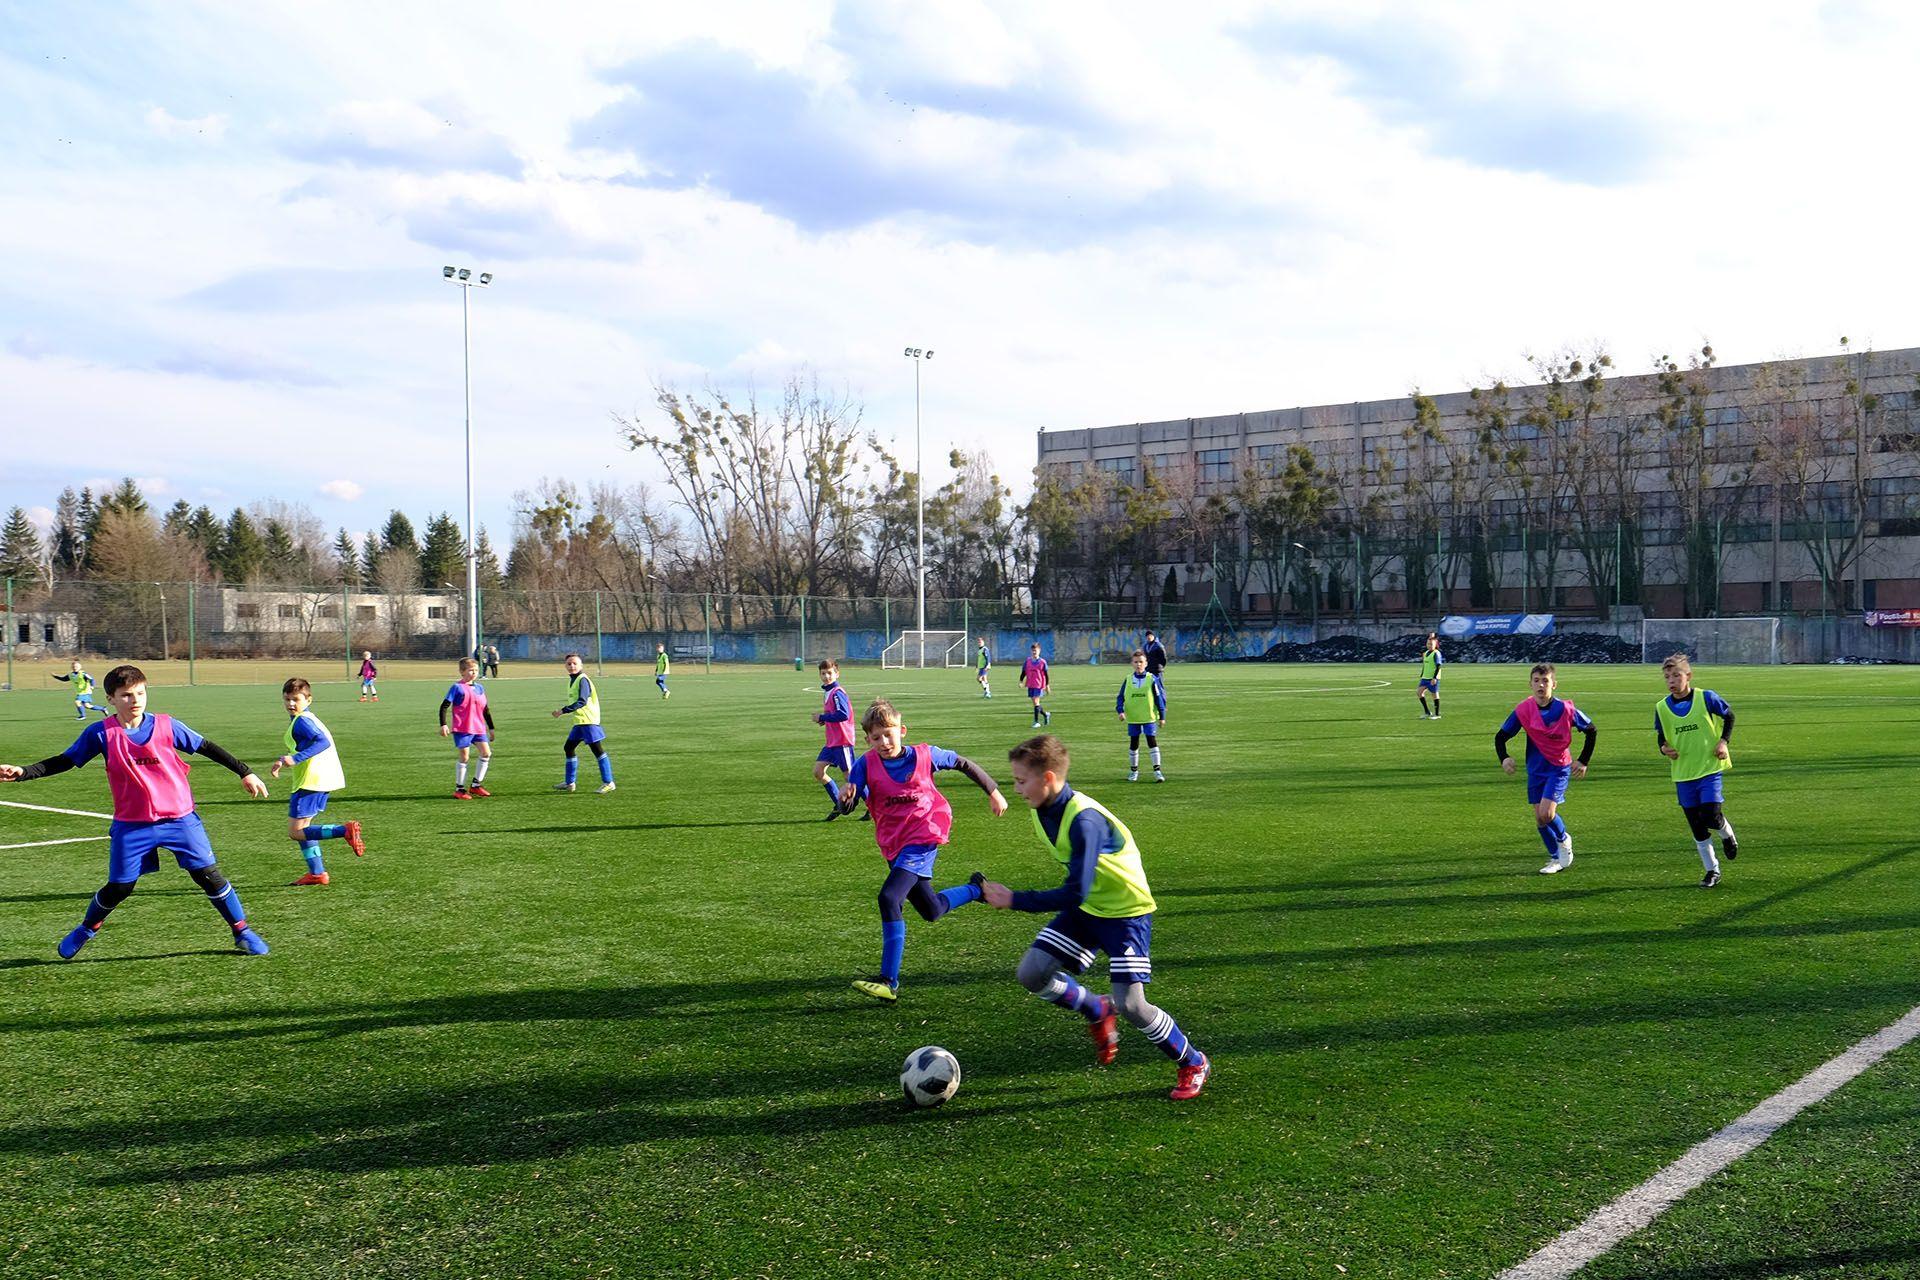 Діти грають в футбол